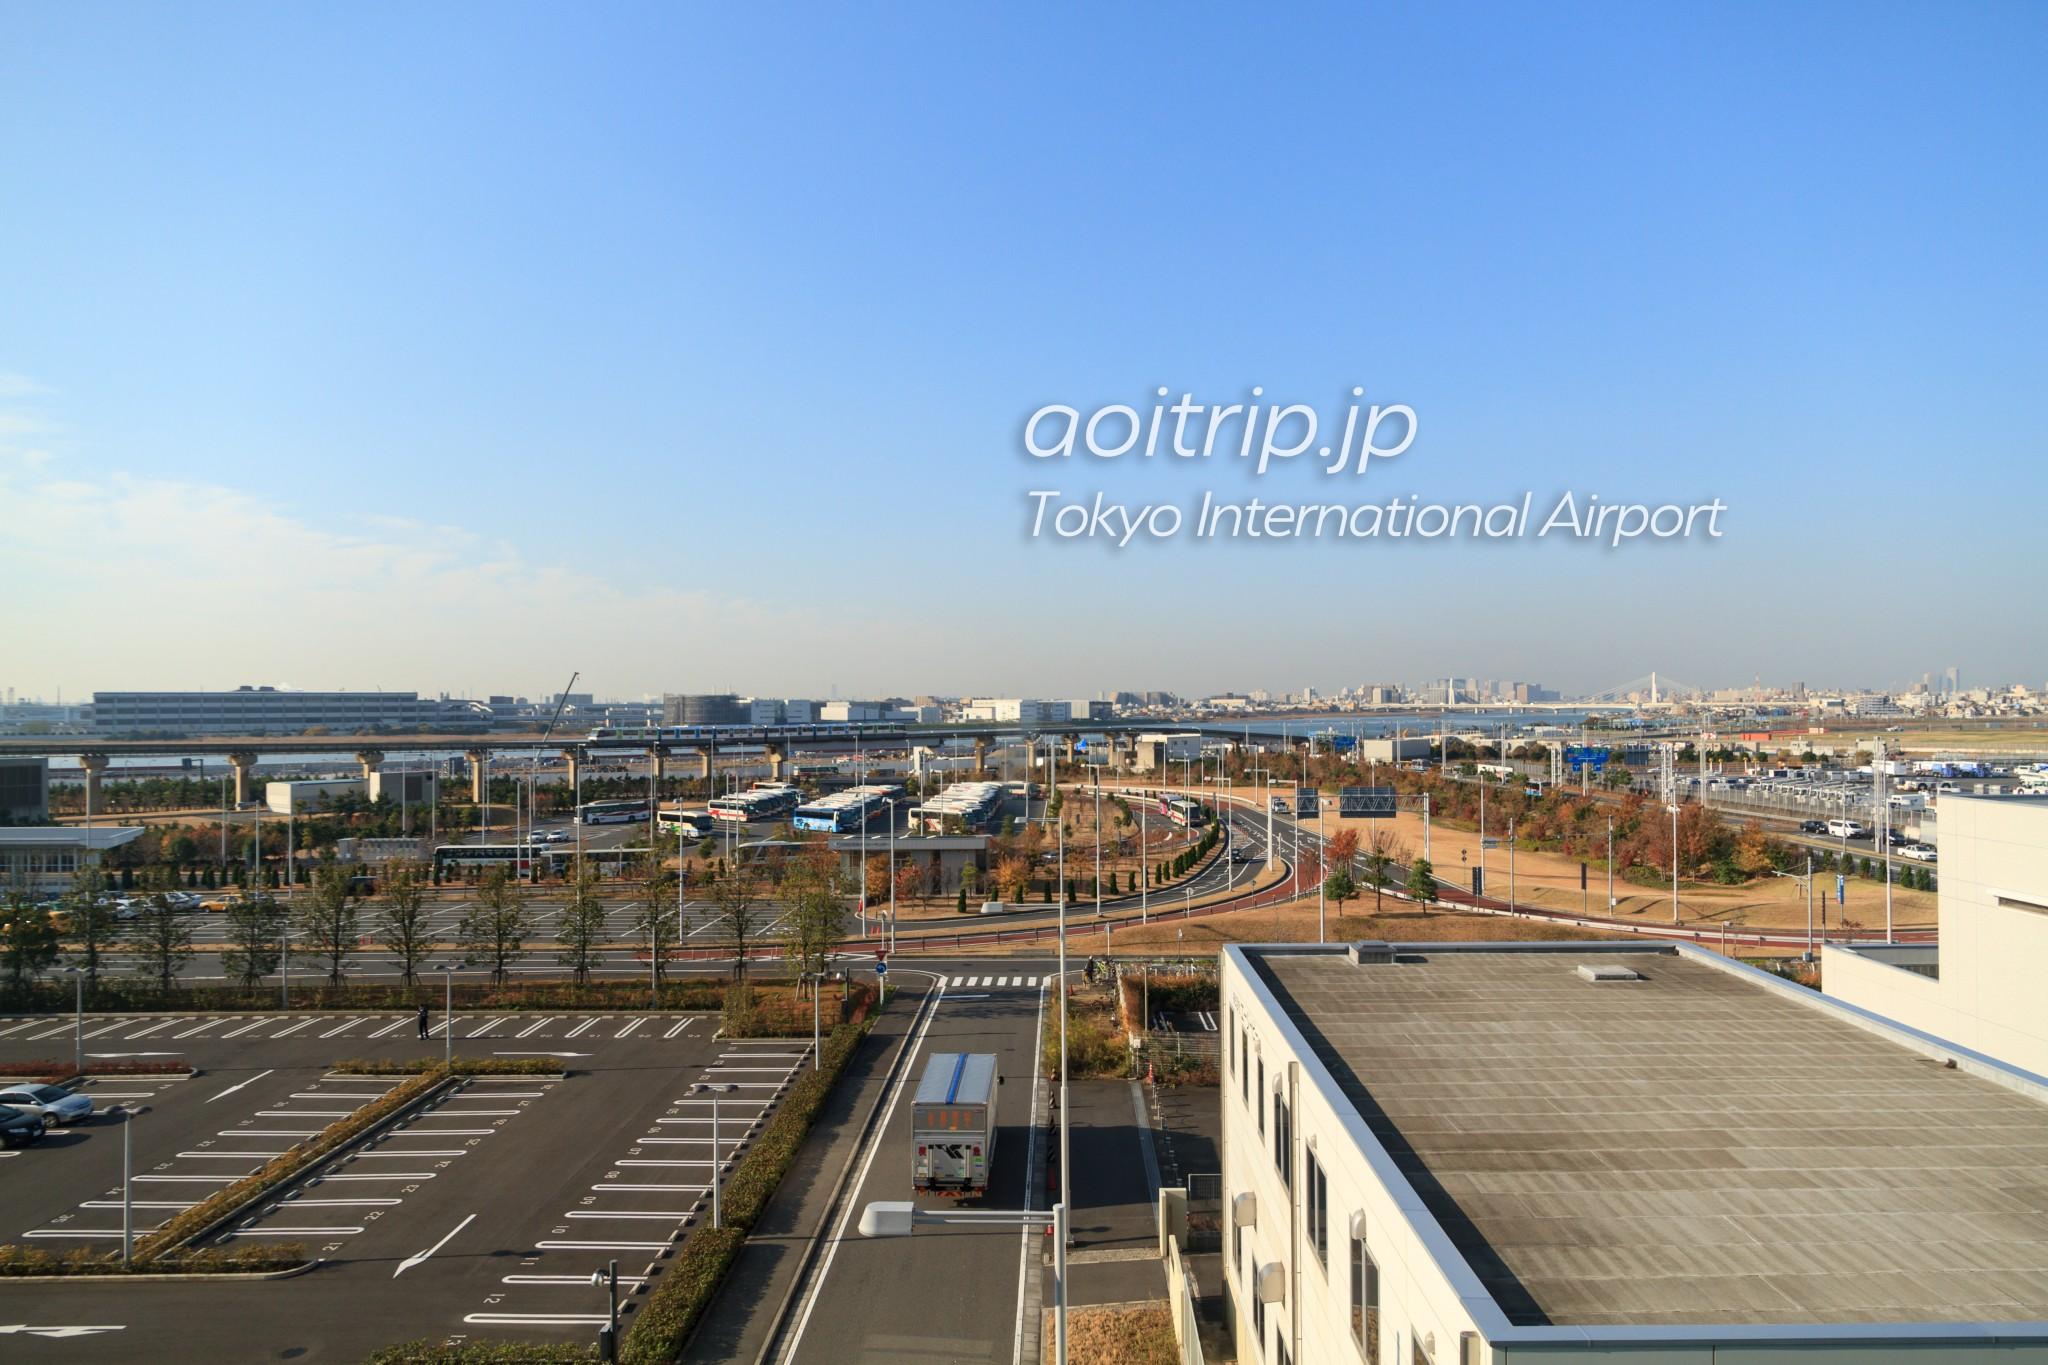 羽田空港 トランジットホテル